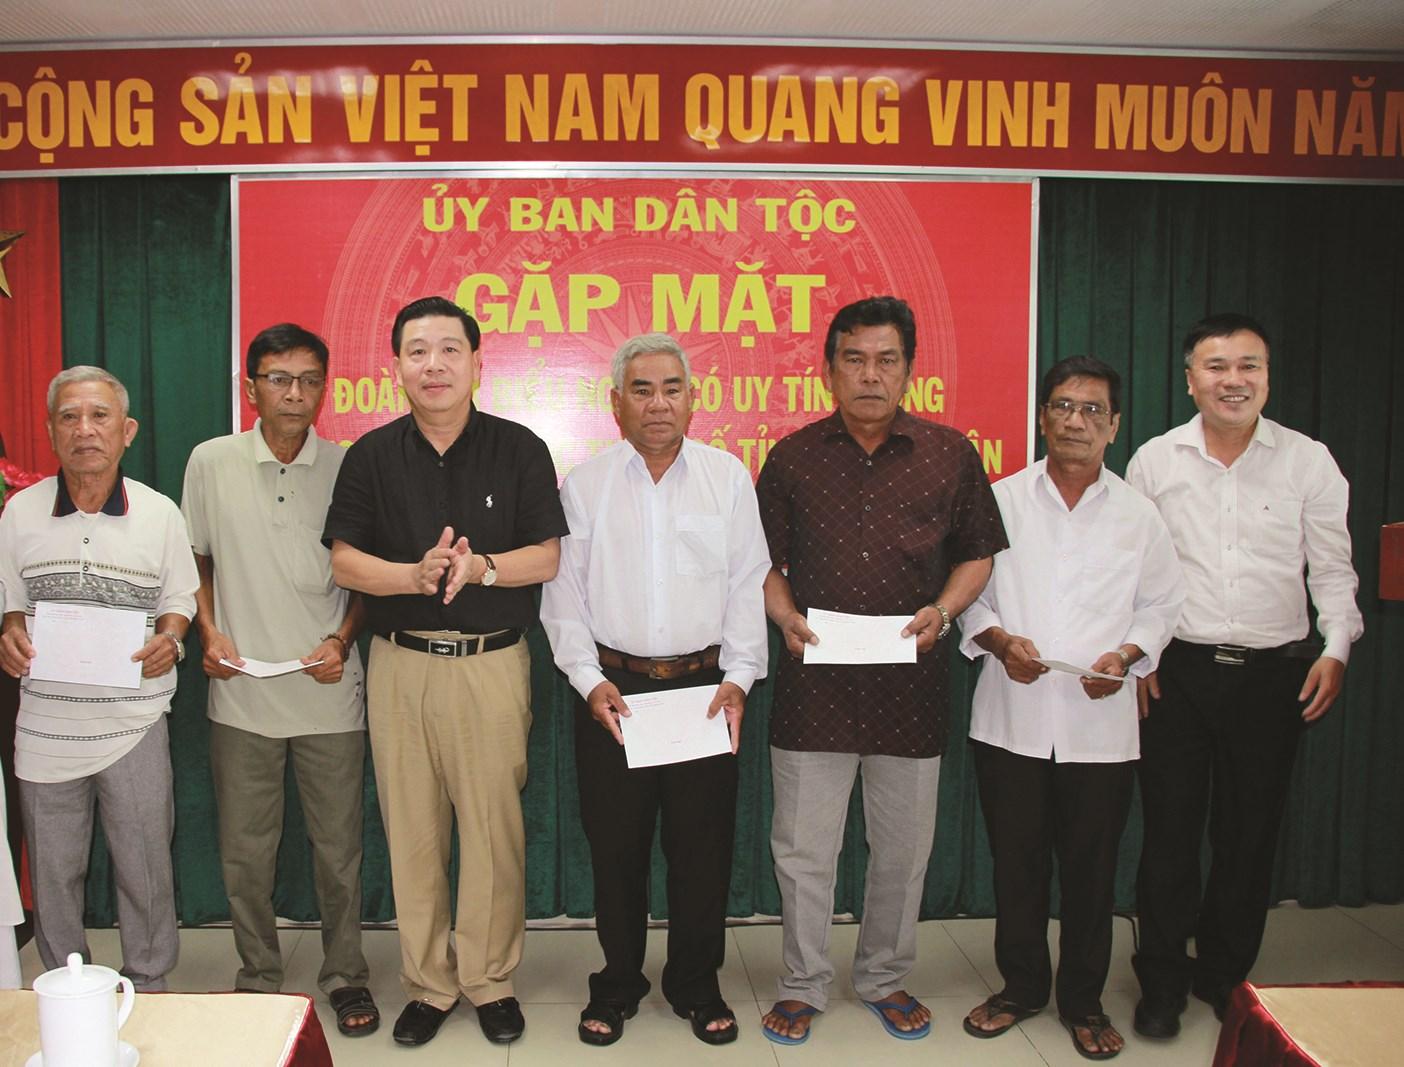 Thứ trưởng, Phó Chủ nhiệm UBDT Lê Sơn Hải tặng quà Đoàn Người có uy tín trong đồng bào DTTS tỉnh Bình Thuận.